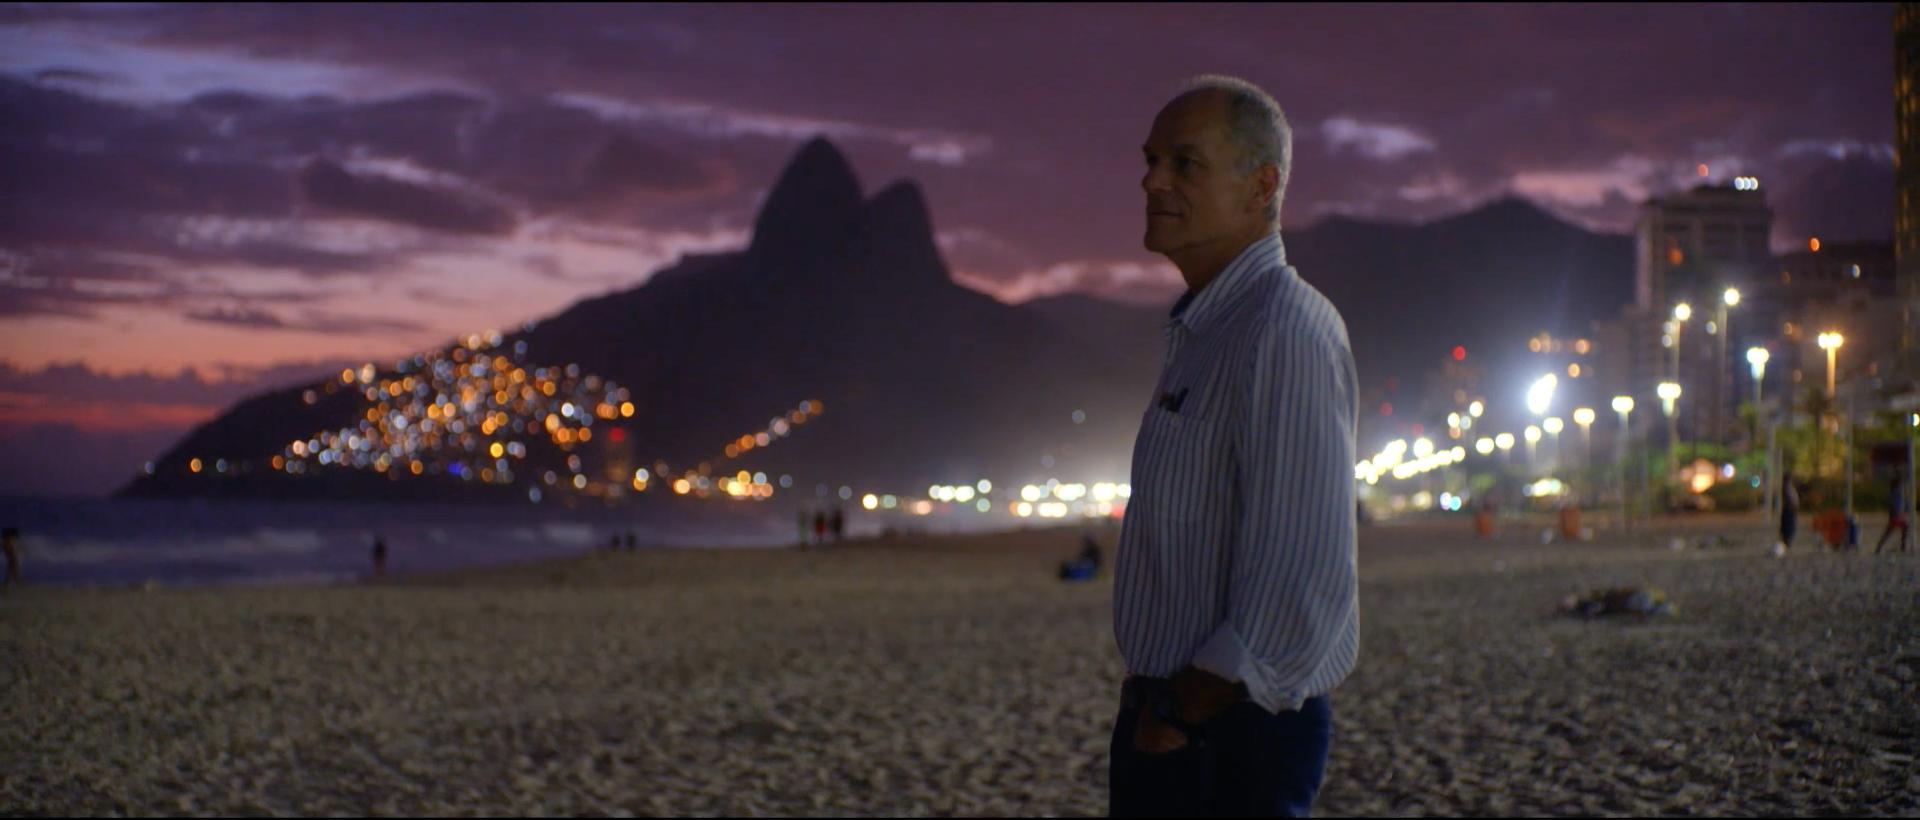 Marcelo Gleiser at Copacabana Beach, in Rio de Janeiro, Brazil